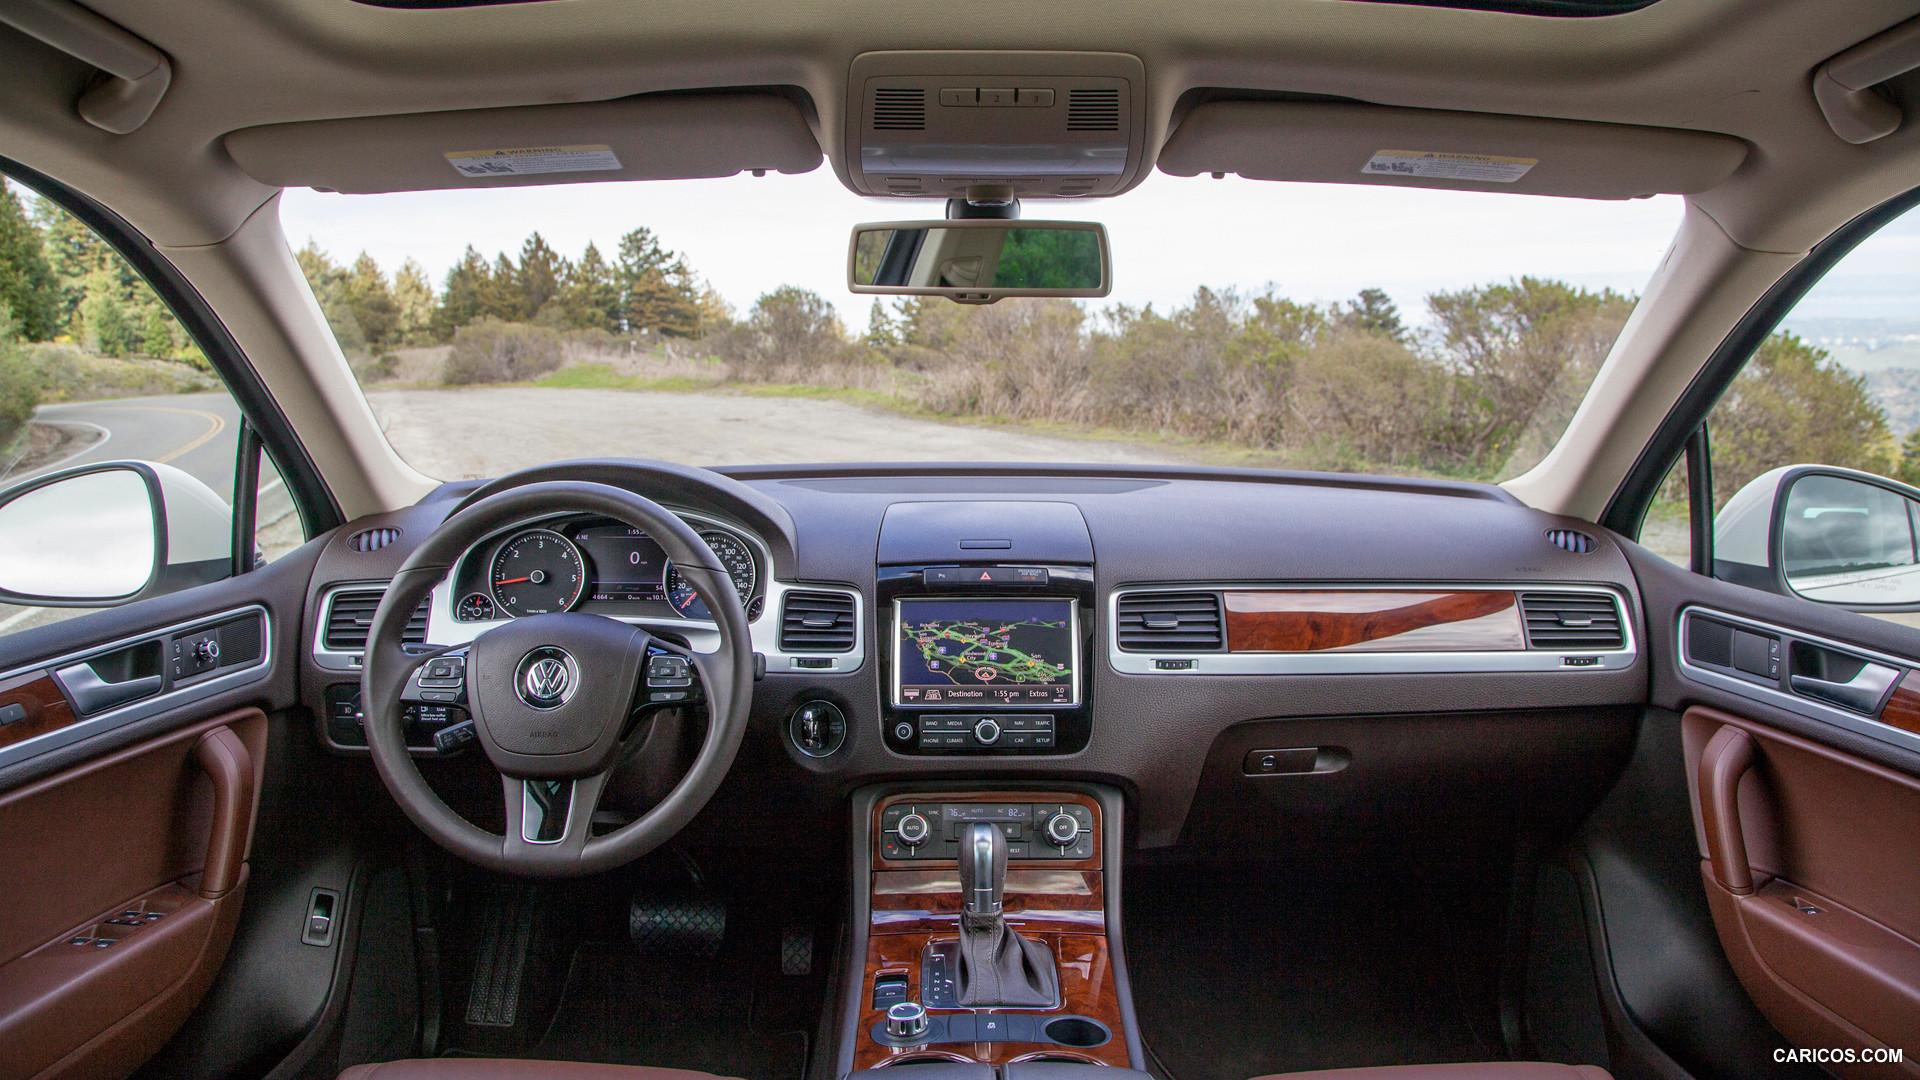 Volkswagen Touareg 2014 lujo tecnologa y mucha distincin  Lista de Carros